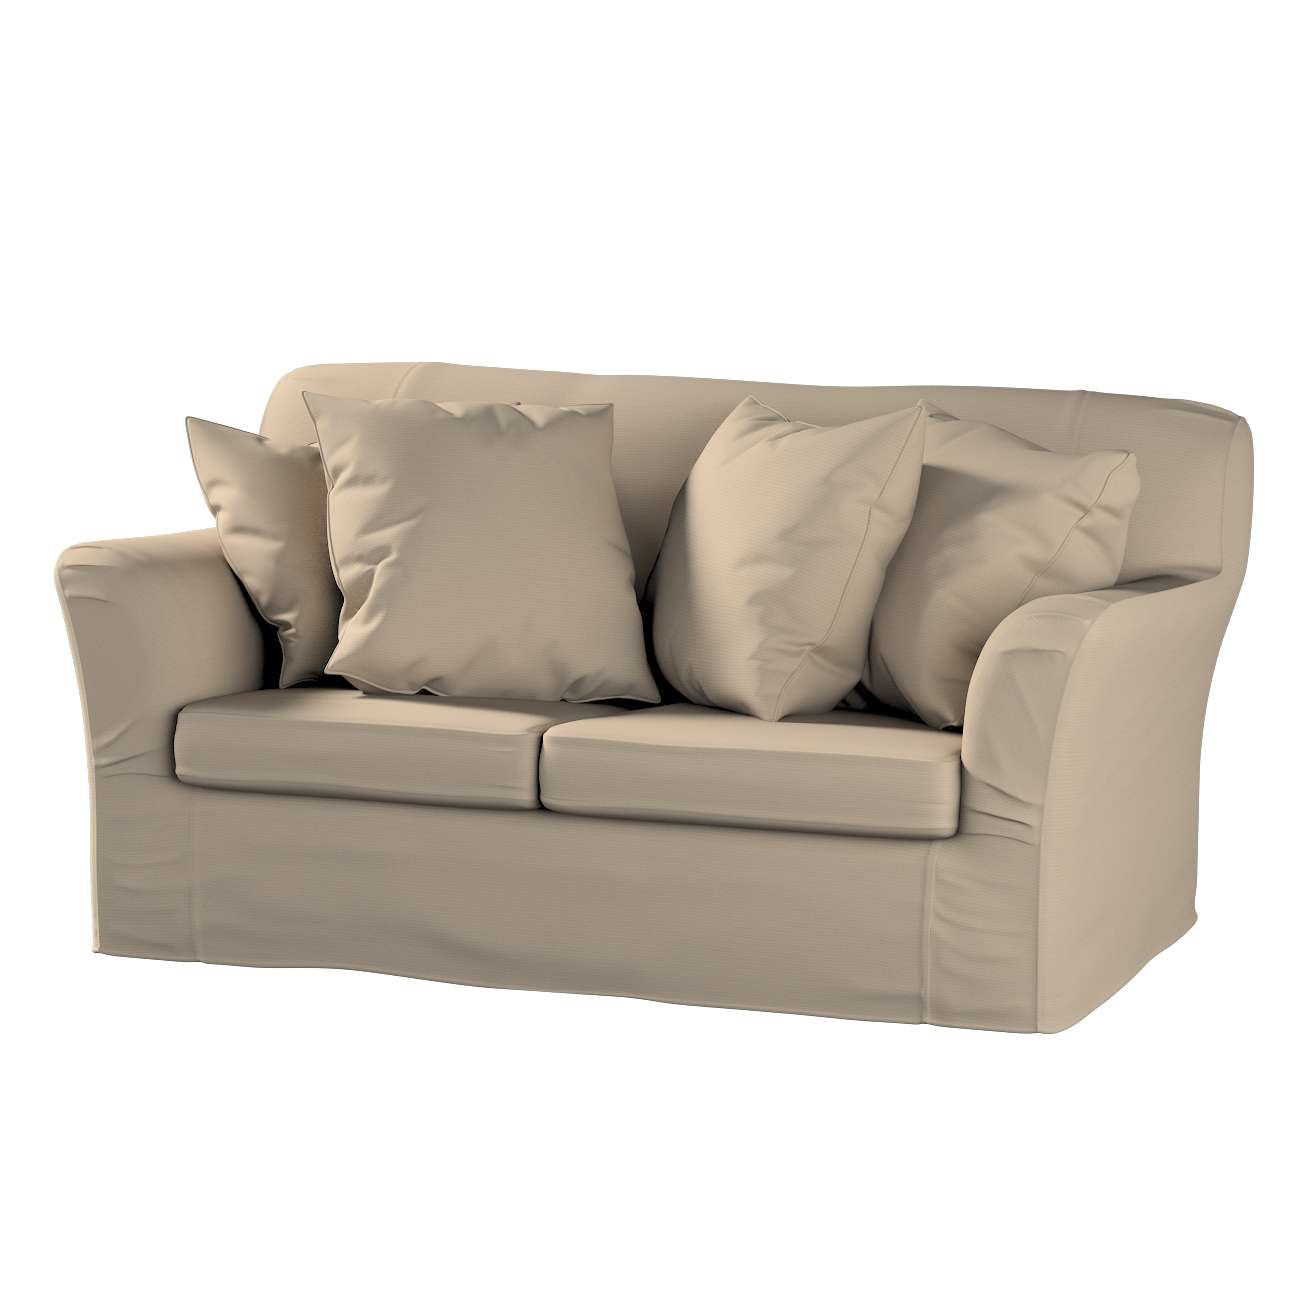 Pokrowiec na sofę Tomelilla 2-osobową nierozkładaną Sofa Tomelilla 2-osobowa w kolekcji Cotton Panama, tkanina: 702-28